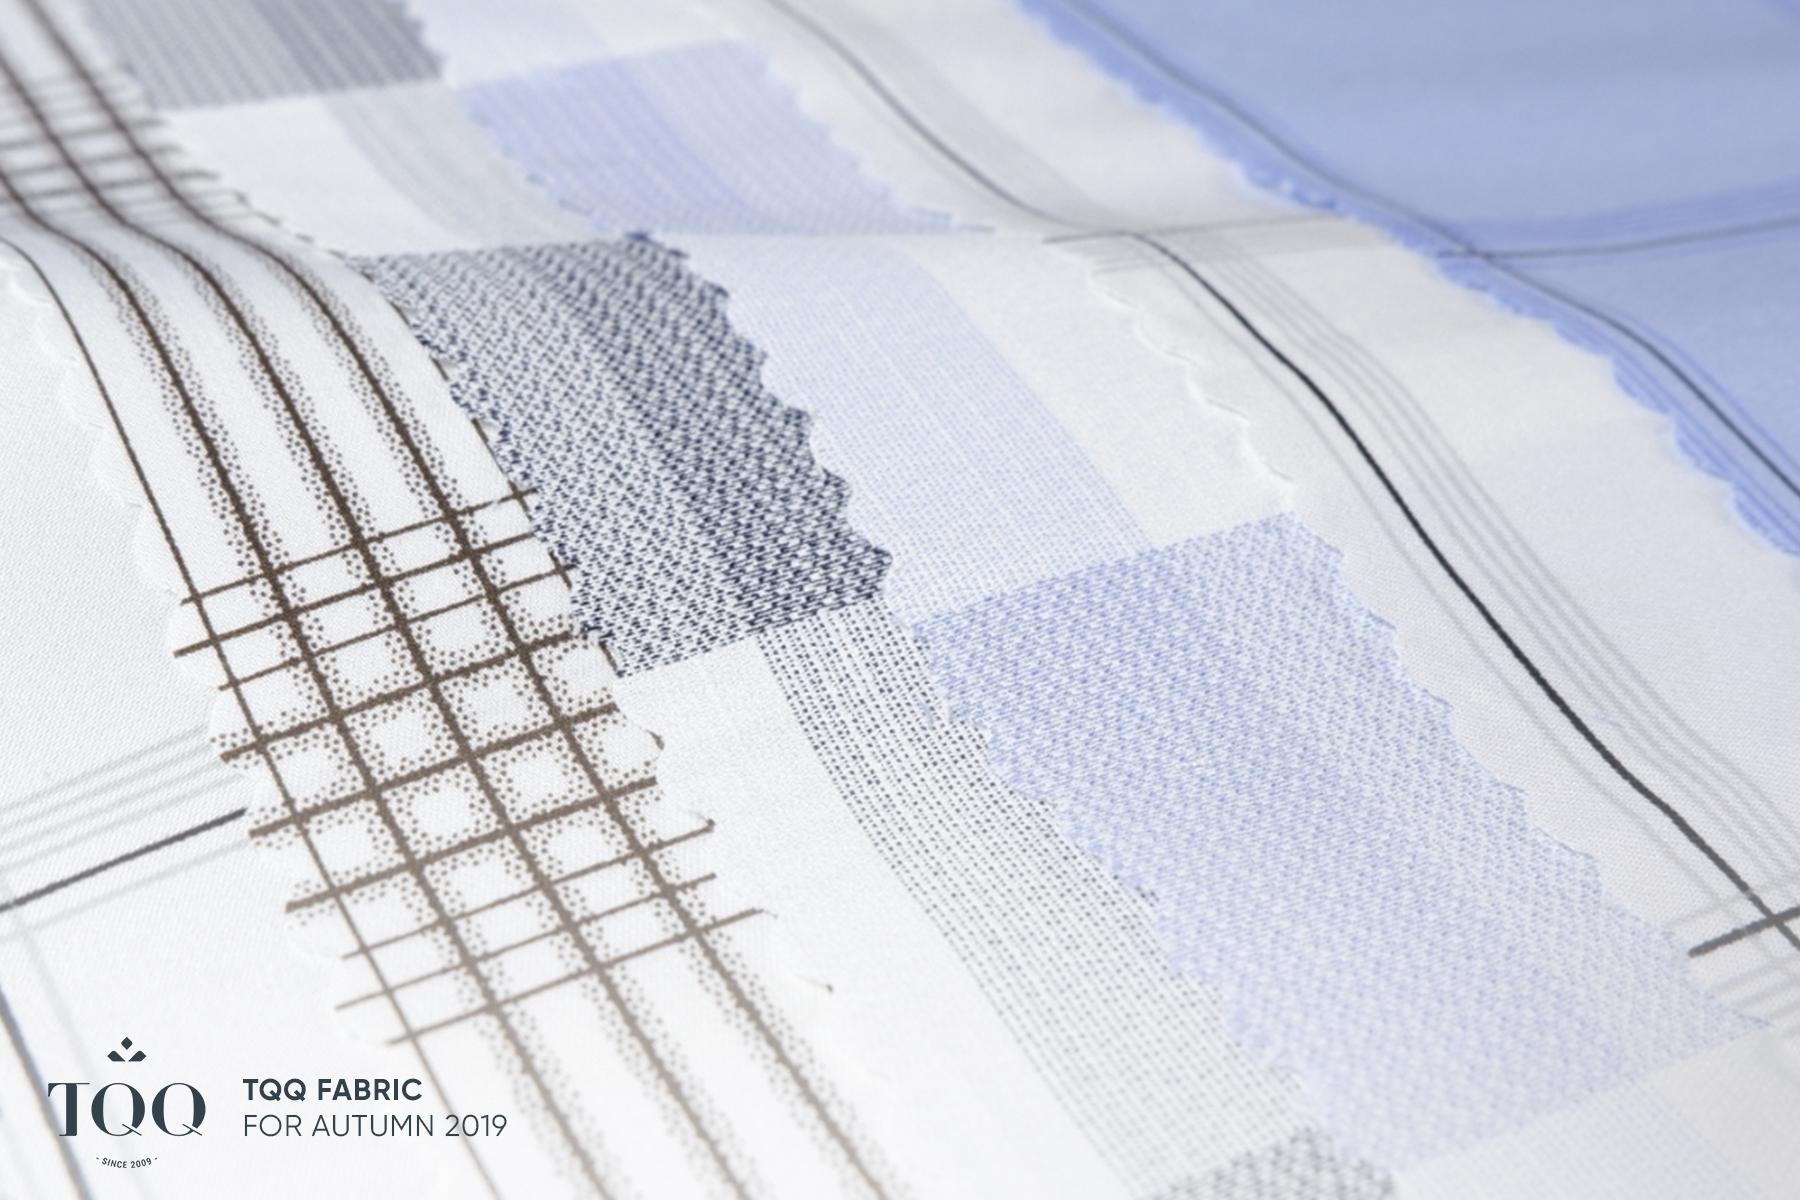 Chất liệu vải là yếu tố hàng đầu cần quan tâm khi chọn mua quần áo